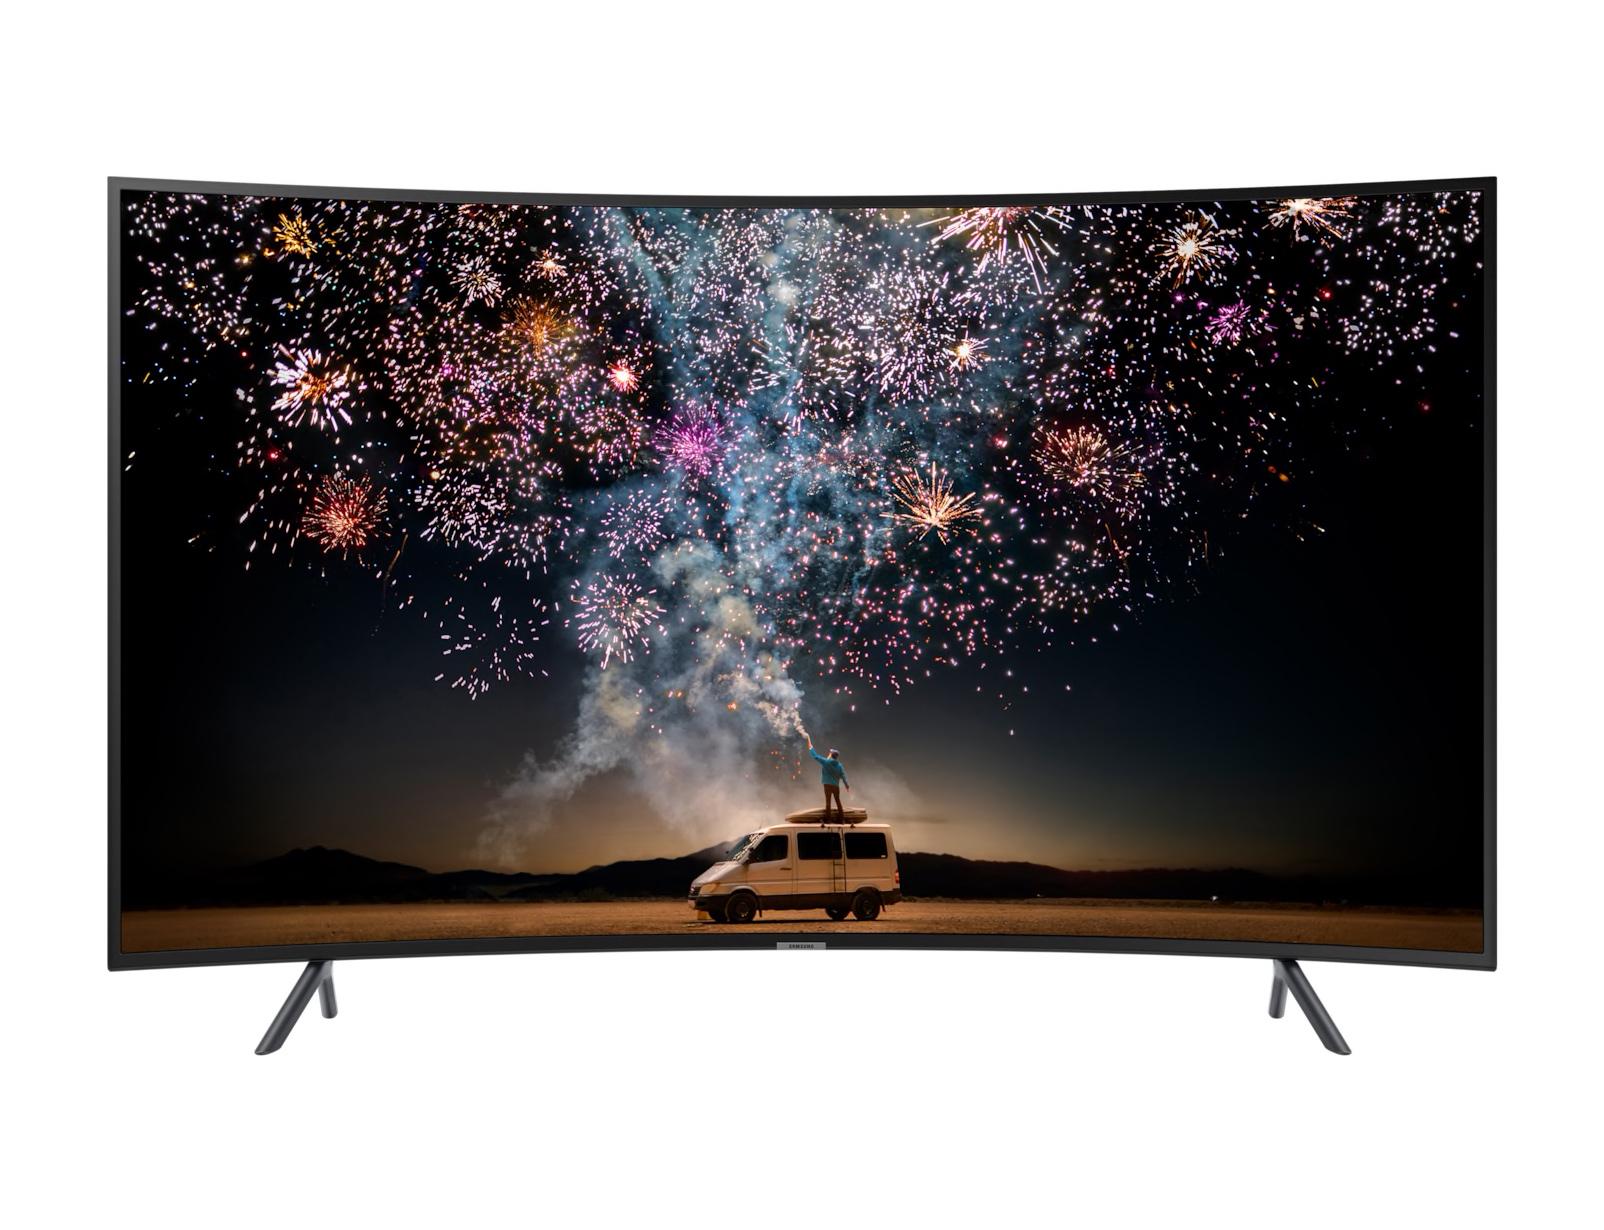 В 2007 году компания Samsung заняла лидирующую позицию телевизионных брендов на мировом рынке